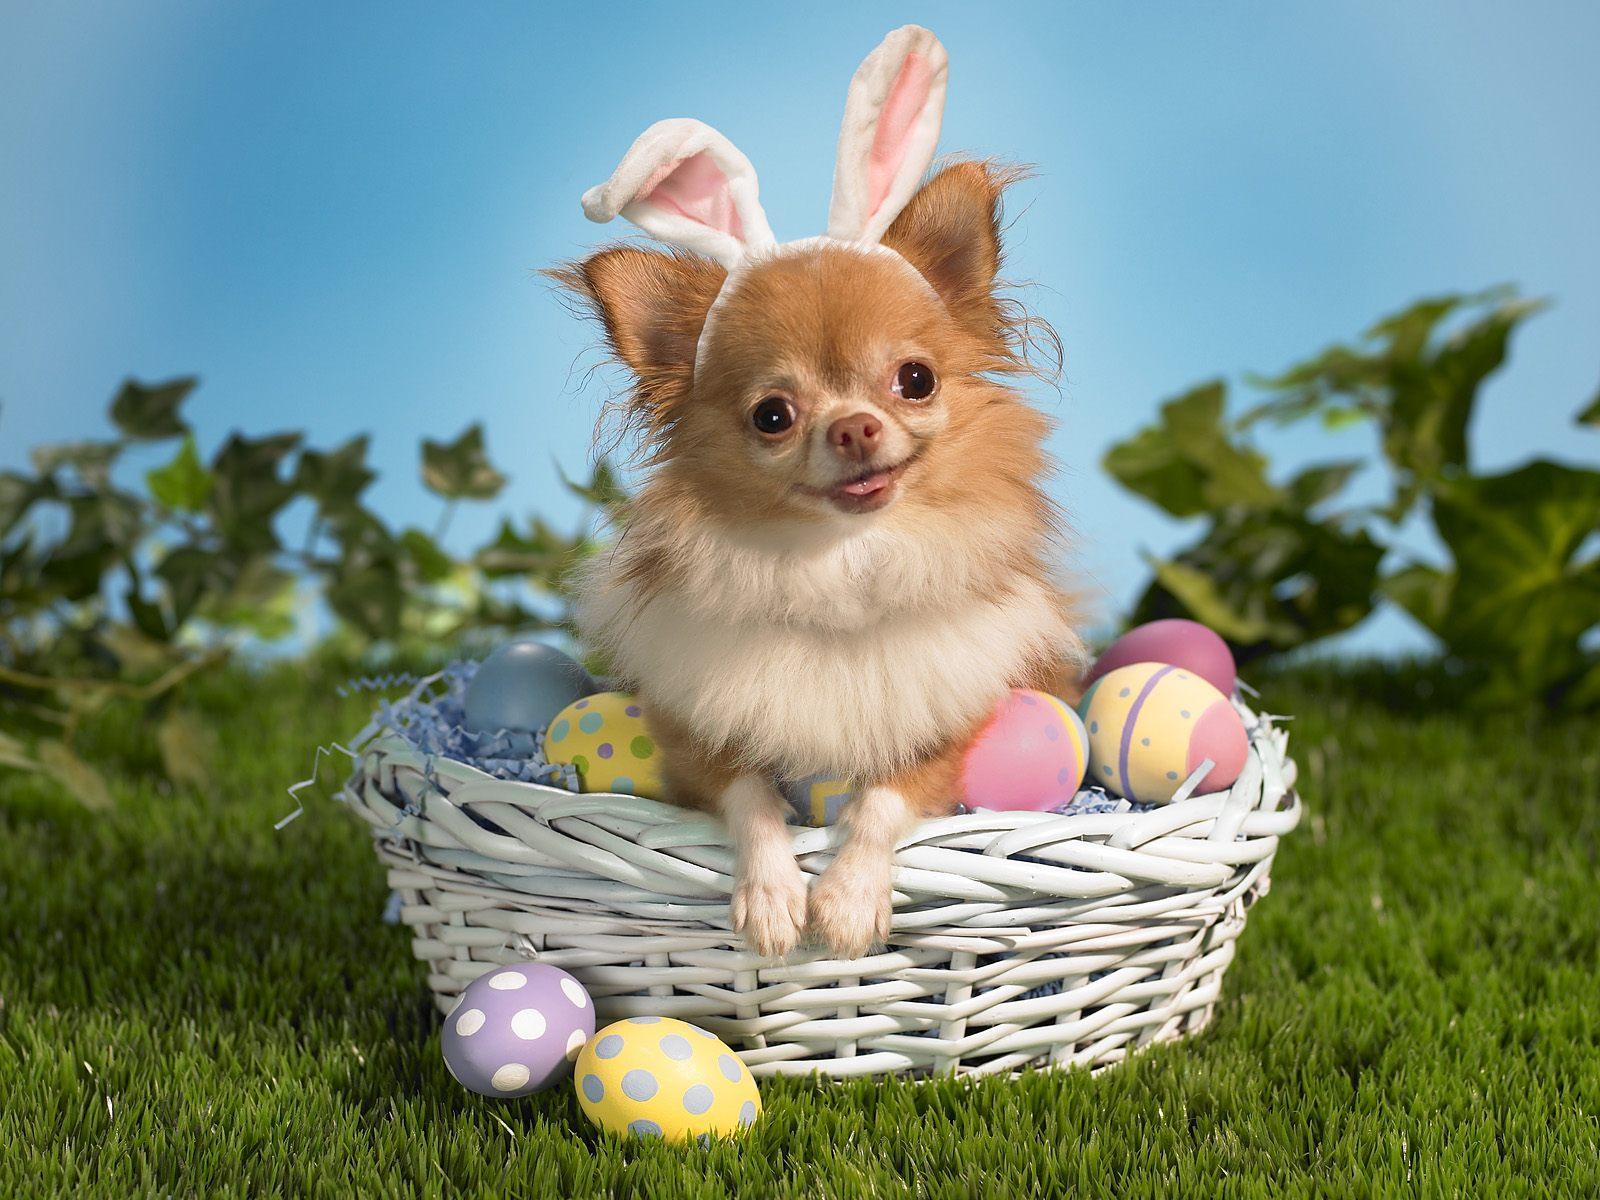 http://1.bp.blogspot.com/-yGXNe-m_jaQ/TYxMs717OeI/AAAAAAAAC4M/FTenFYaprnw/s1600/Bunny-Wishes-Happy-Easter-Wallpaper.jpg